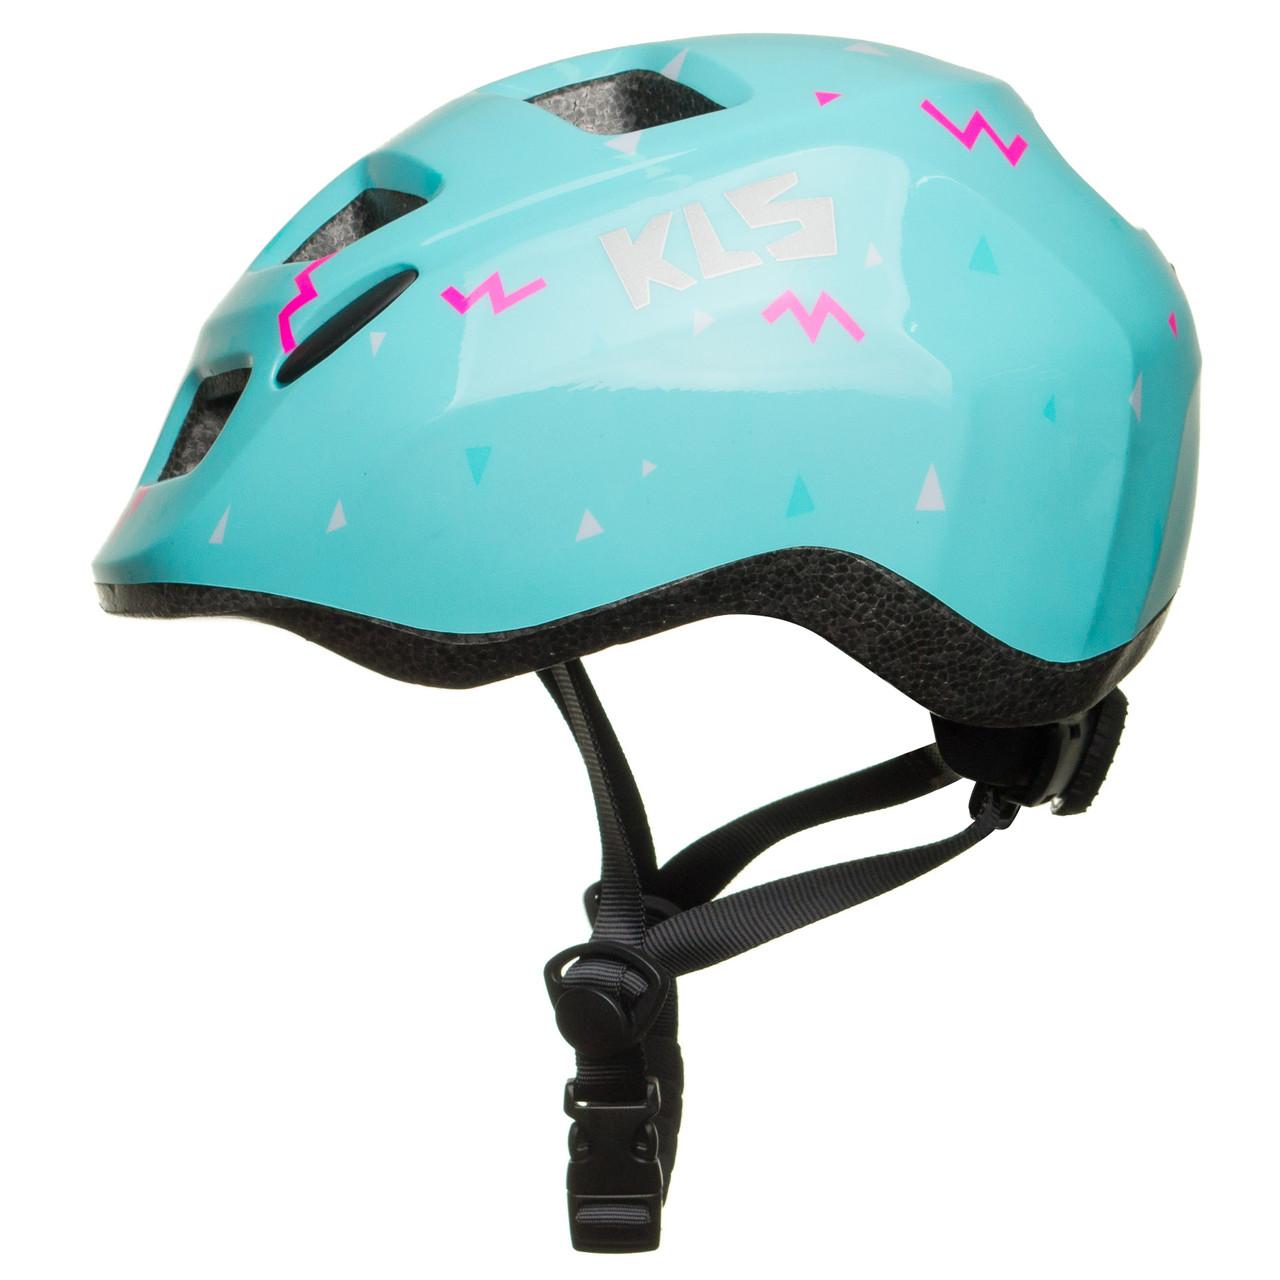 Велосипедный детский шлем KLS ZIGZAG S 50-55 Mint